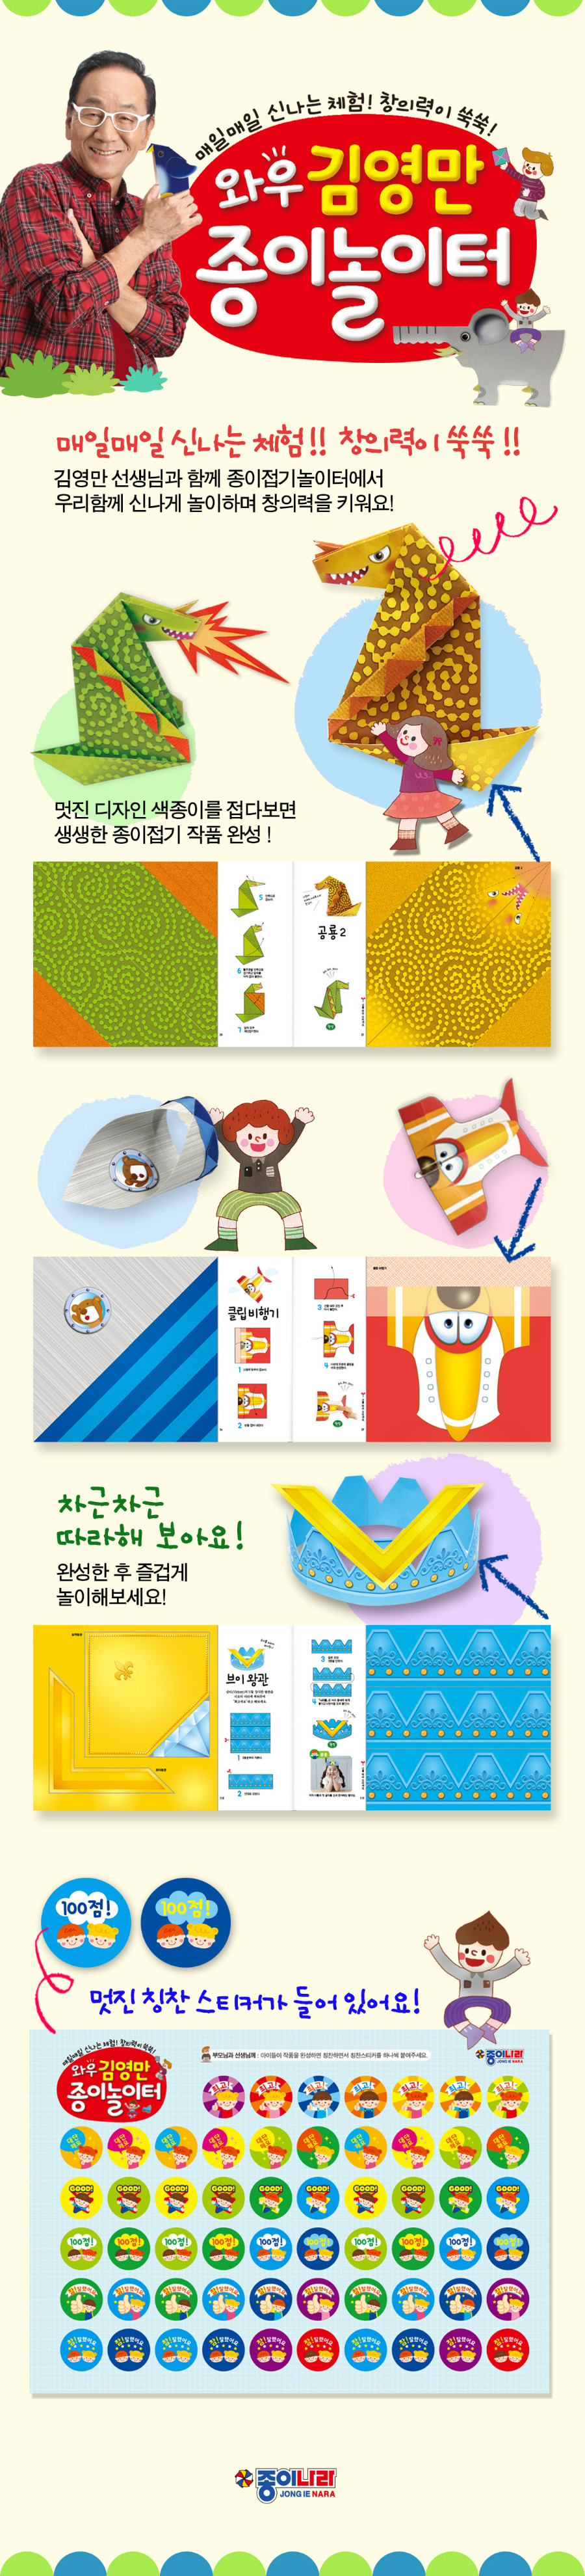 김영만놀이터보도자료.jpg